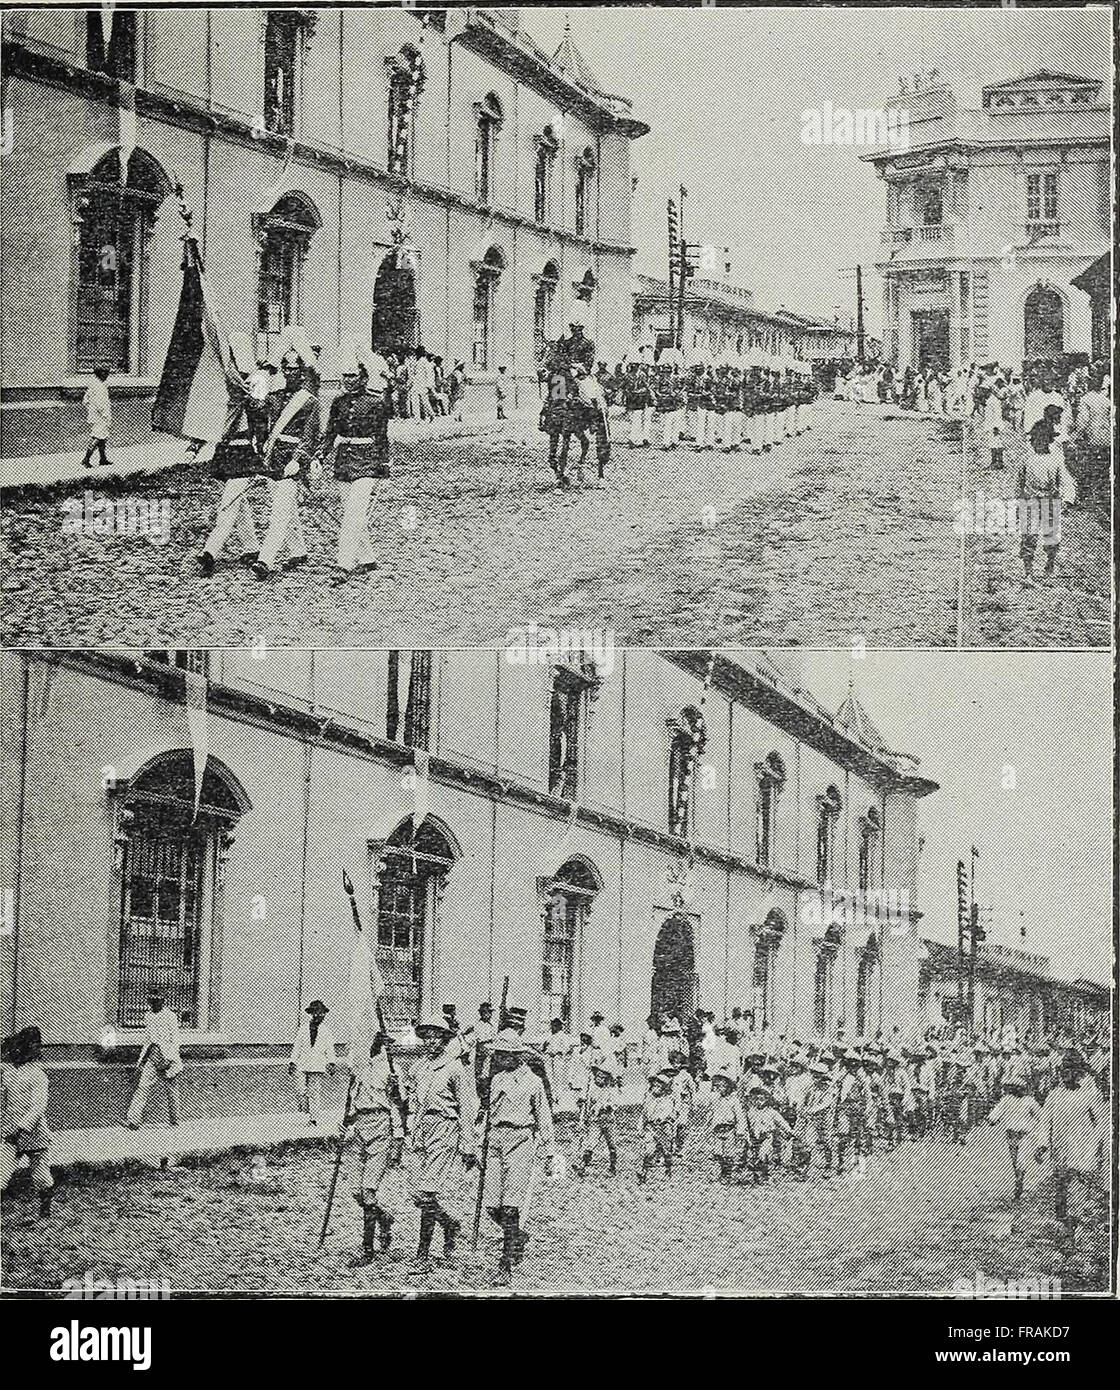 El Salvador al vuelo; notas, impresiones y perfiles. Republica de El Salvador, América Central, 1917 (1917) Foto de stock